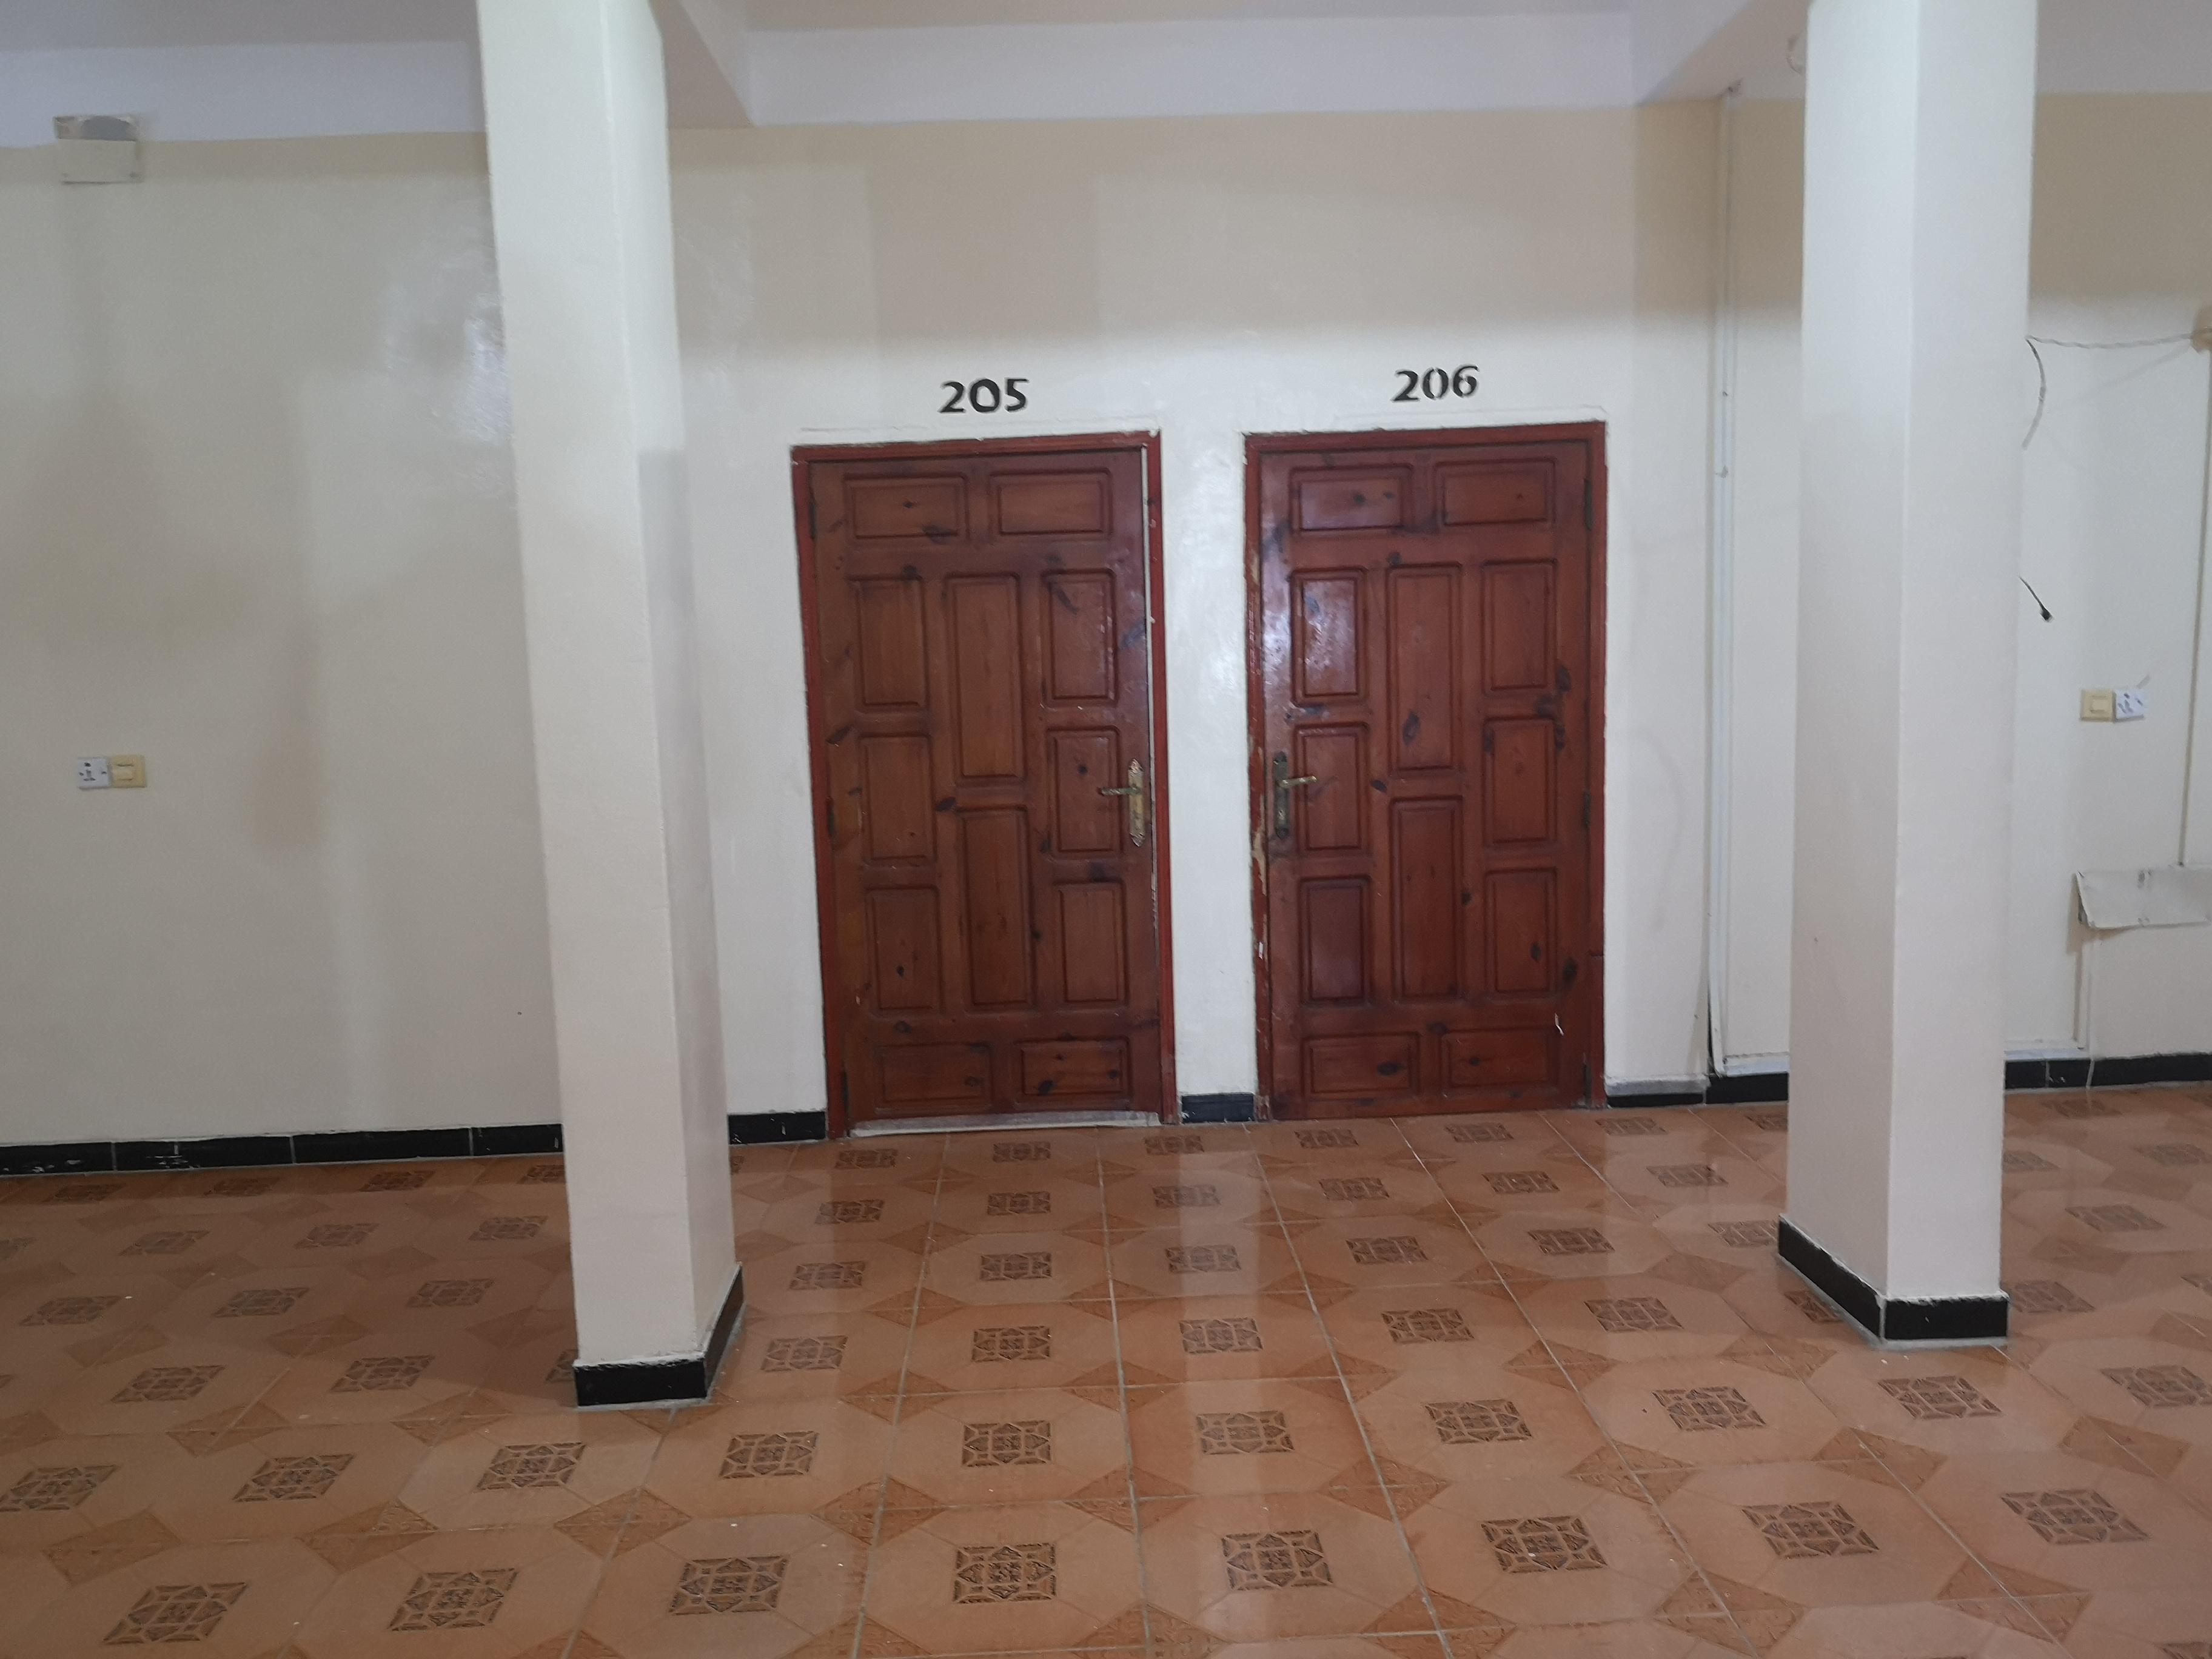 The lobby of the socotra hotel